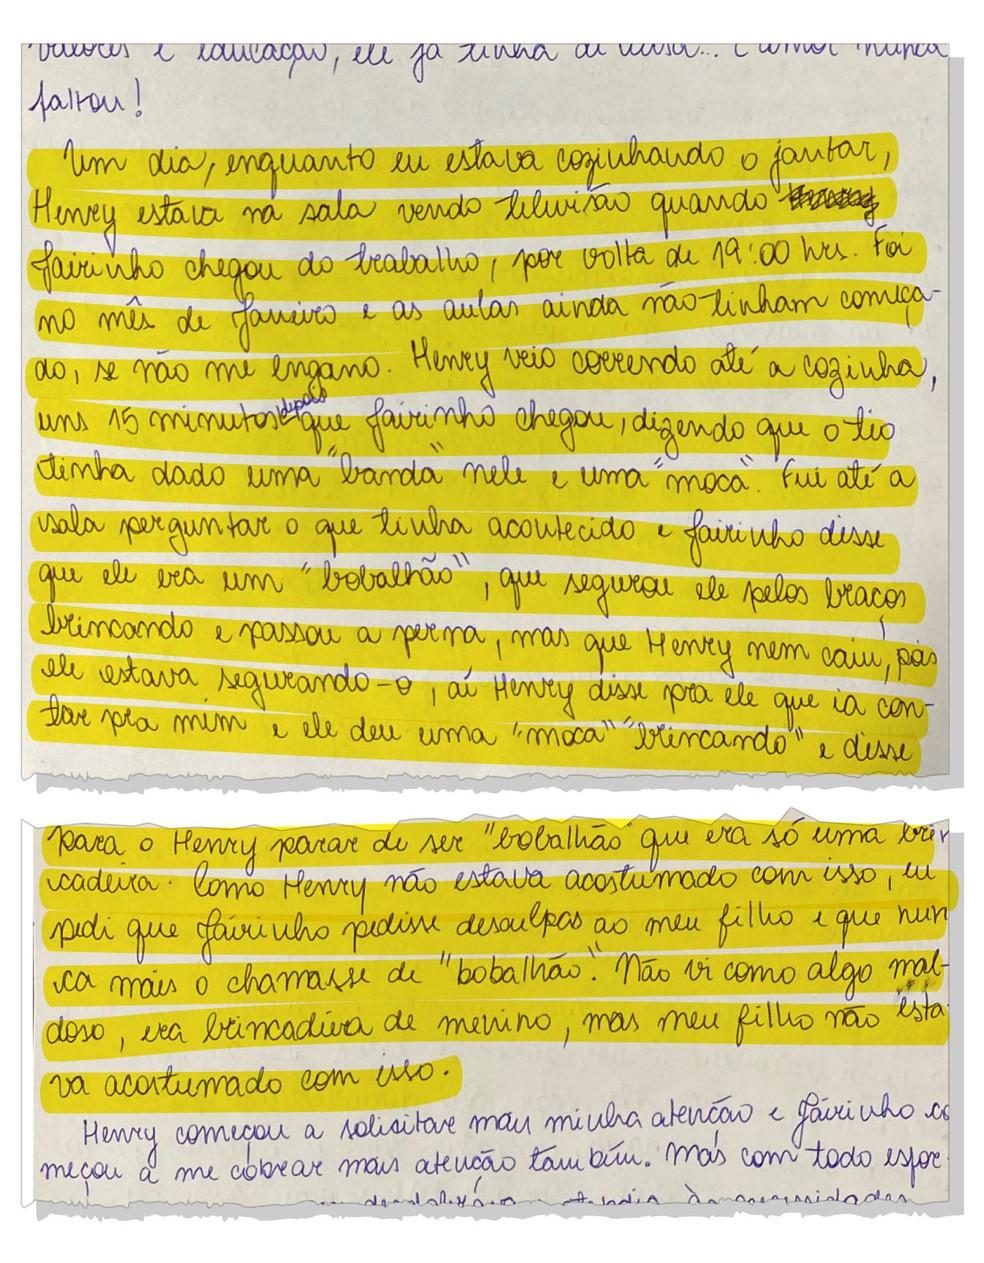 Em carta, Monique diz que Henry foi agredido — Foto: Reprodução